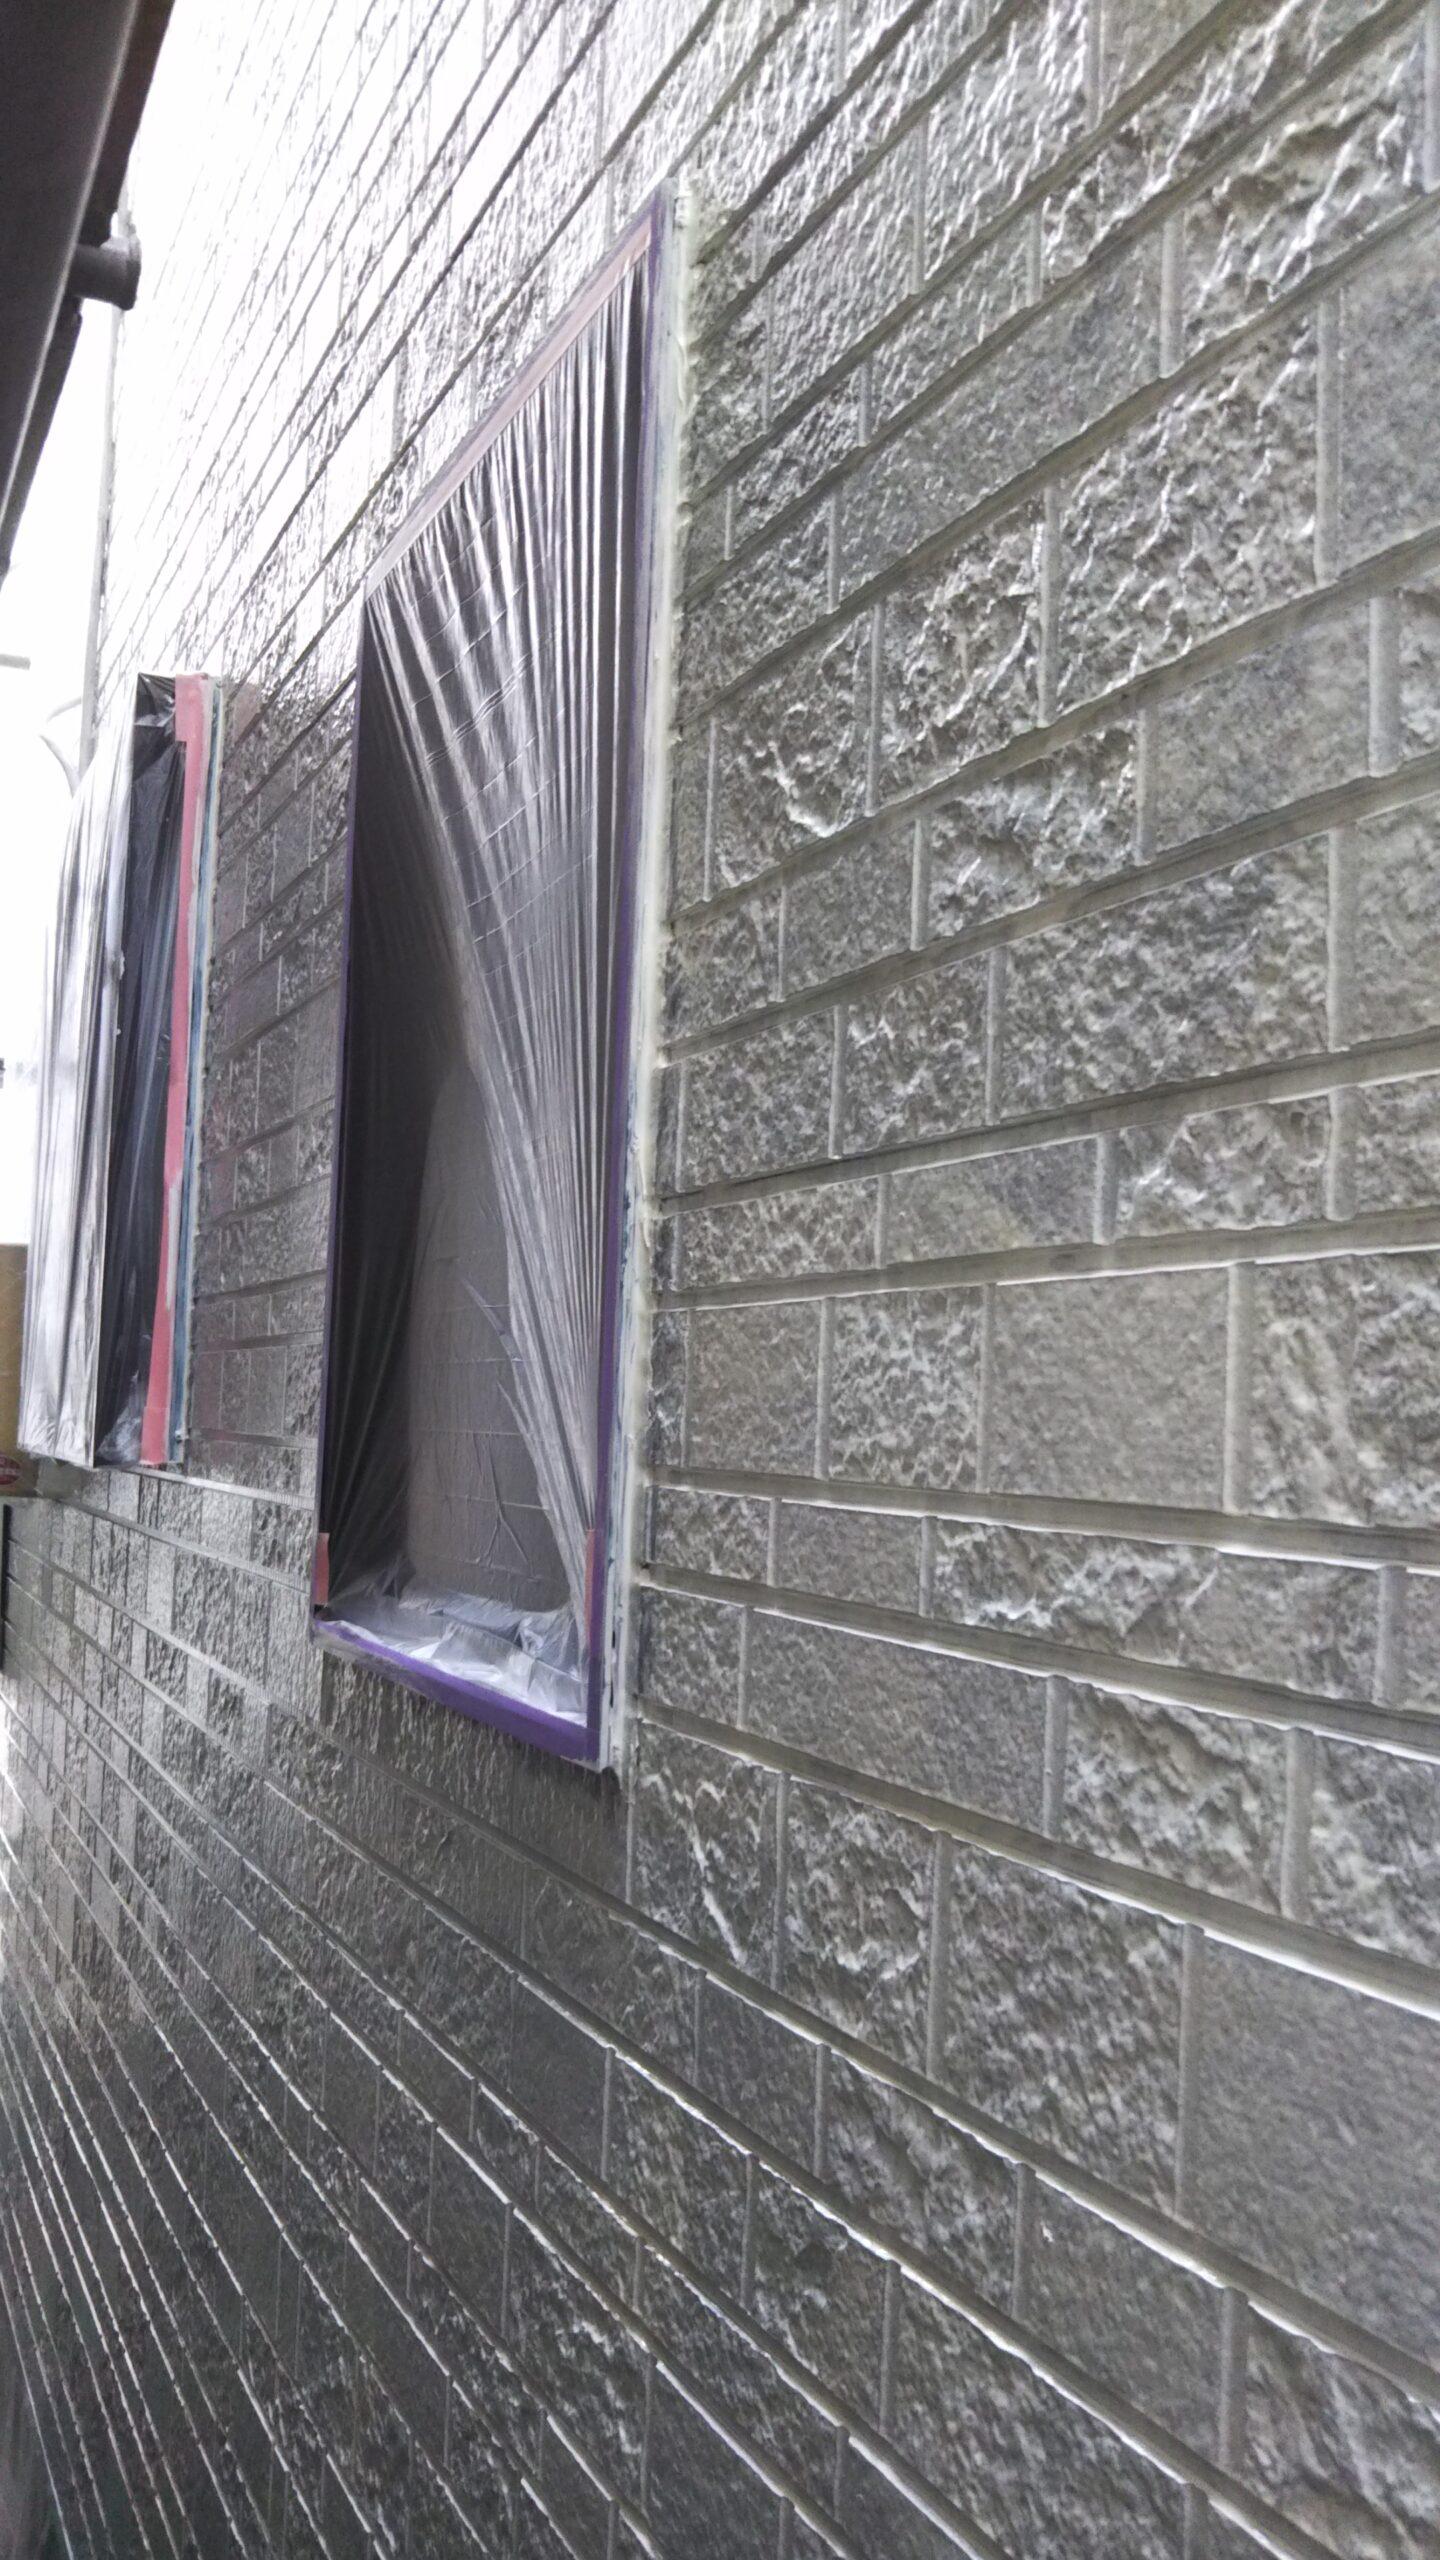 埼玉県さいたま市 外壁の塗り替え塗装 埼玉県さいたま市緑区のK様邸にて塗り替えリフォーム中